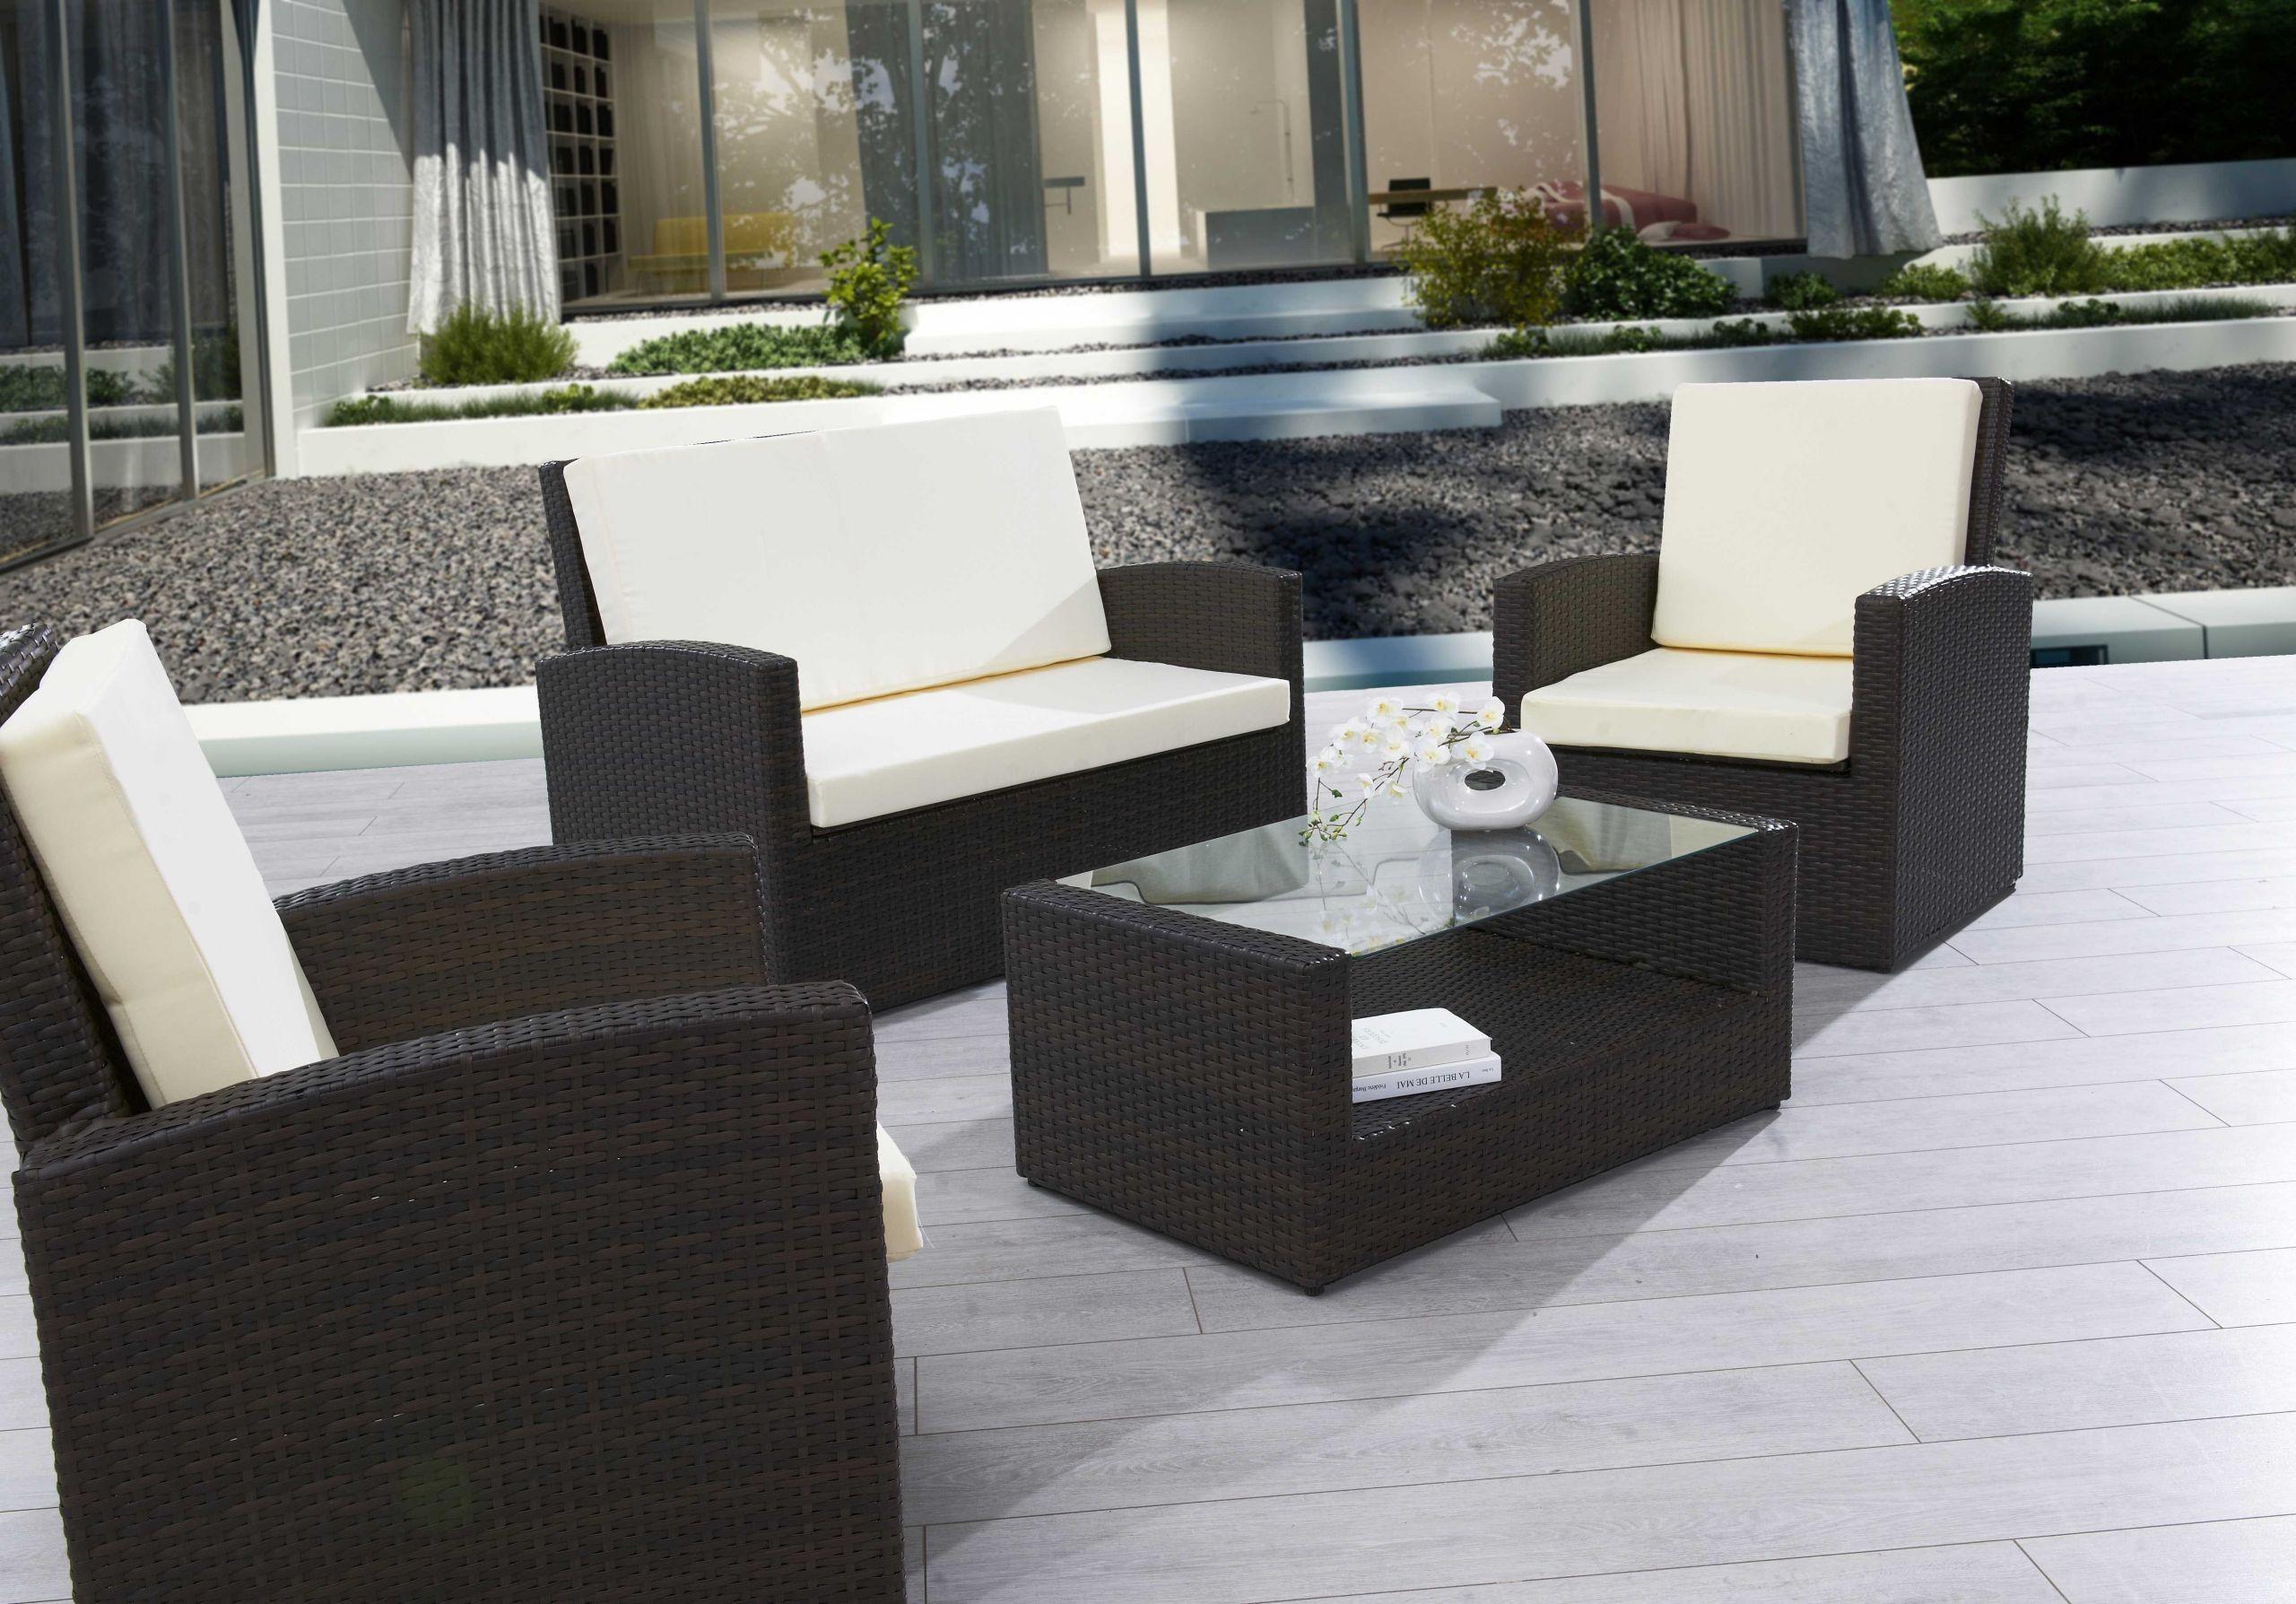 24 Luxe Salon De Jardin Pour Balcon | Salon Jardin pour Salon De Jardin Pas Cher En Plastique